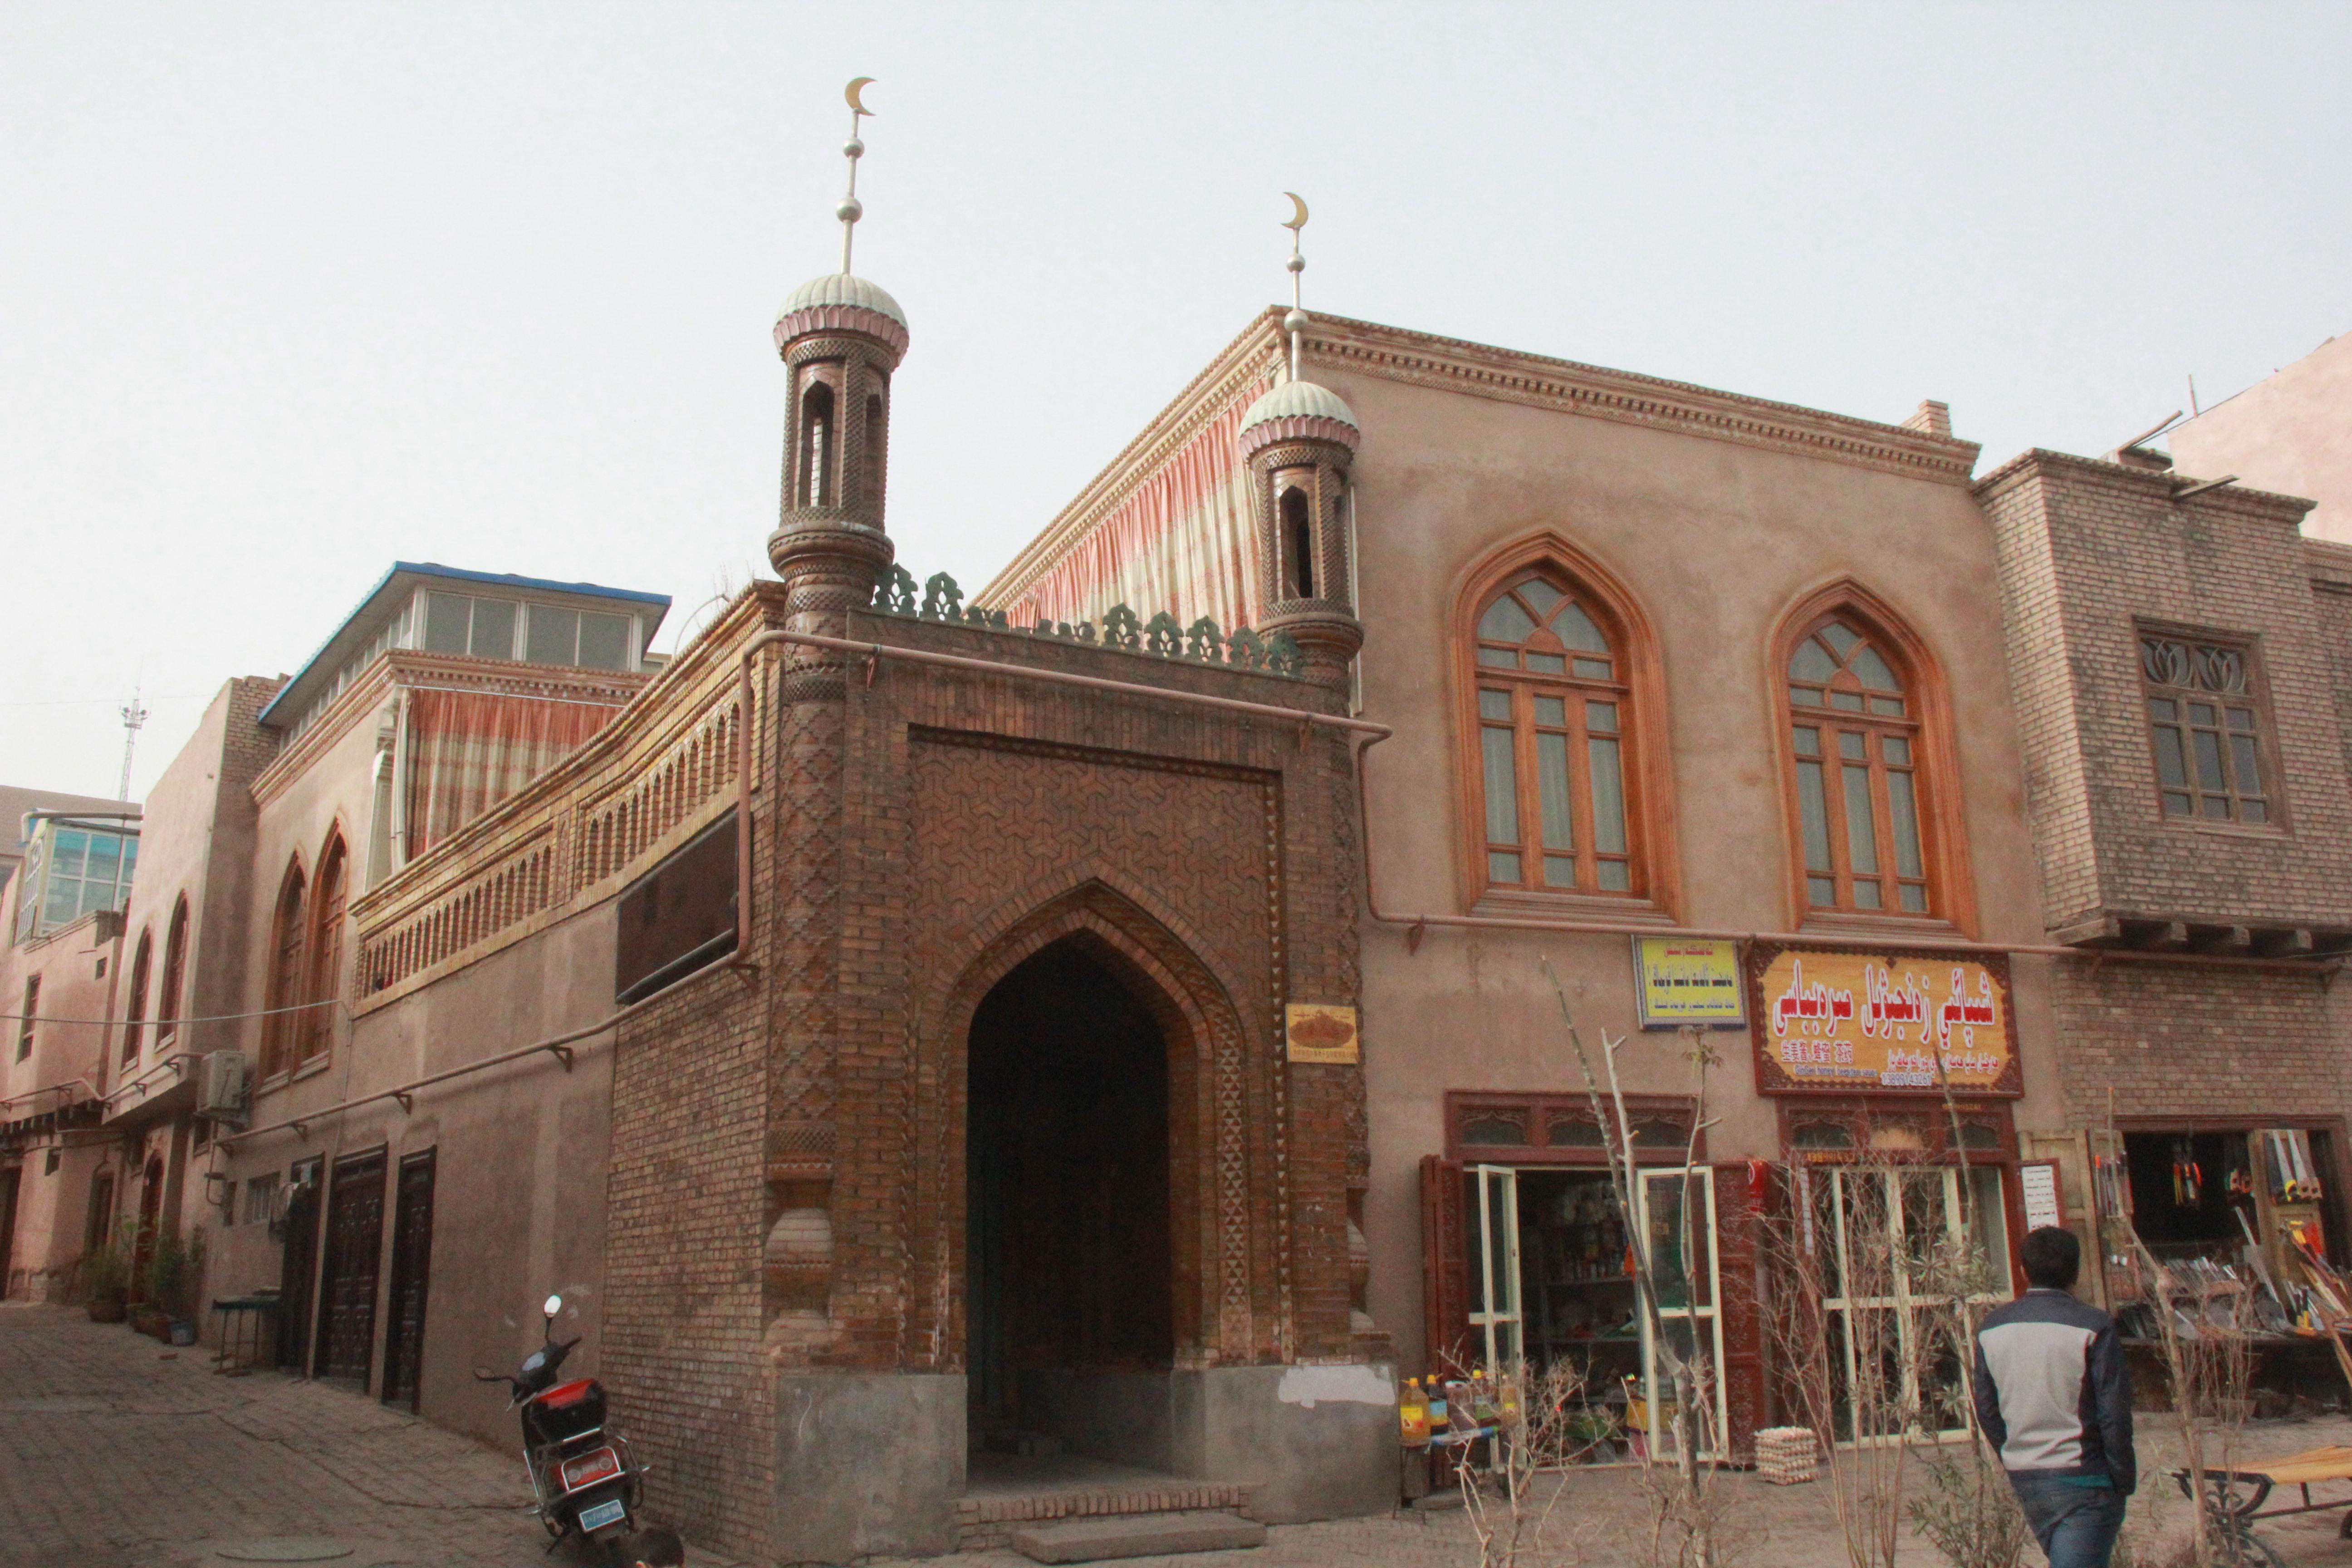 喀什老城区内的一座清真寺。全疆目前共有清真寺2.44万座,新疆官方称充分保证信教群众的正常宗教活动。摄影:陈芳